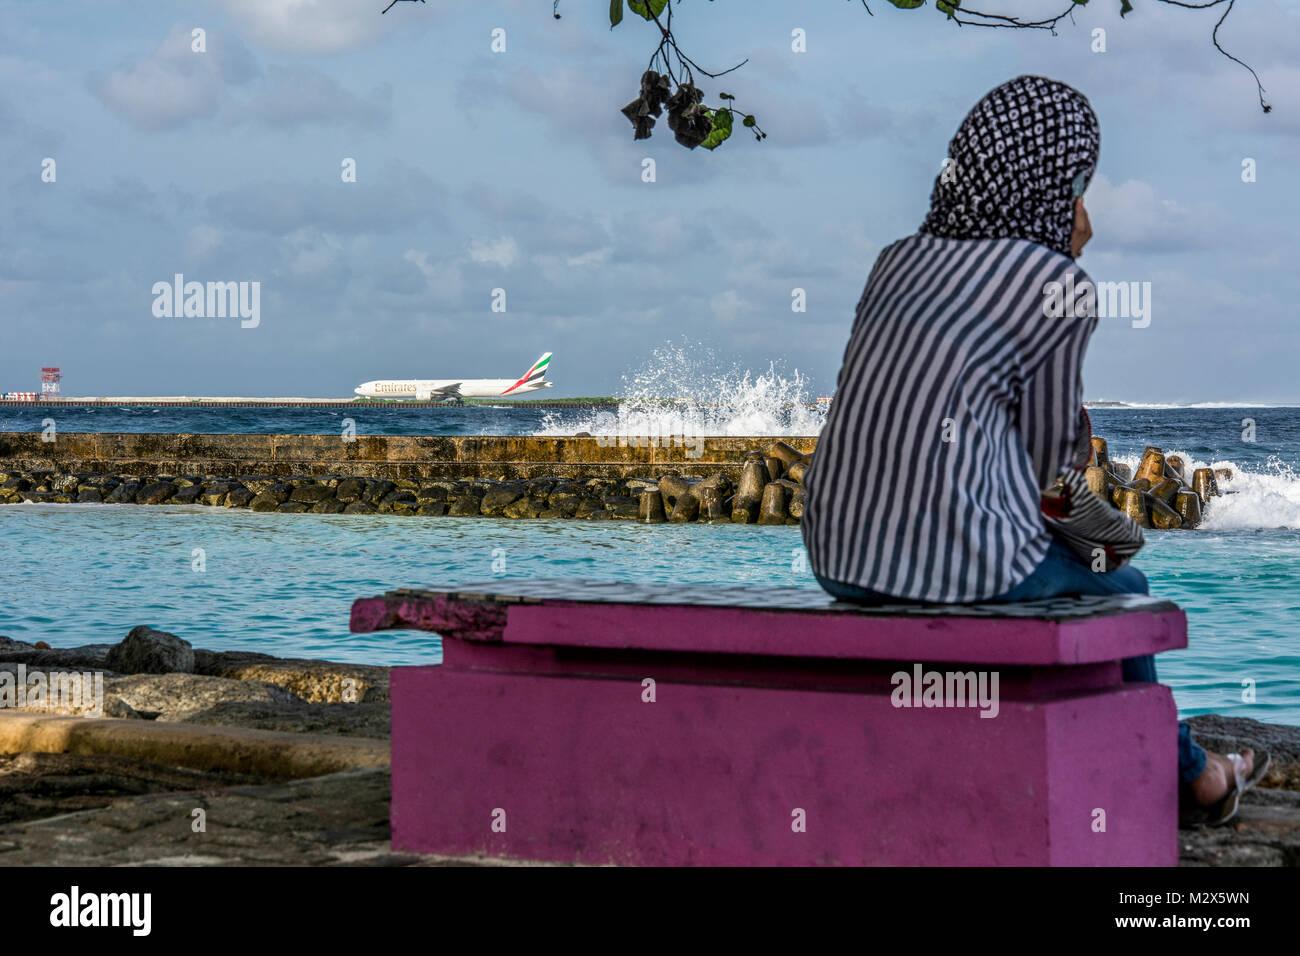 Muslimische Frau am Strand von Male mit Blick auf die Flughafeninsel Hulule mit landendem Flugzeug - Stock Image